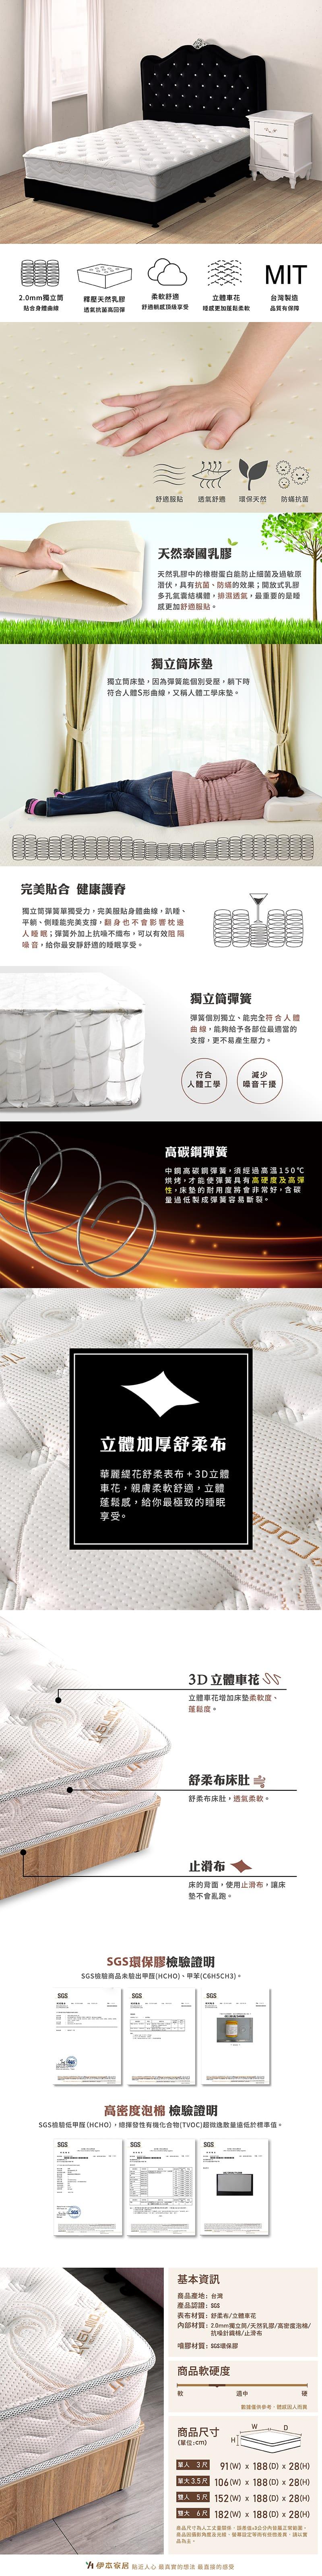 乳膠軟式獨立筒床墊 雙人5尺(鑽石系列)